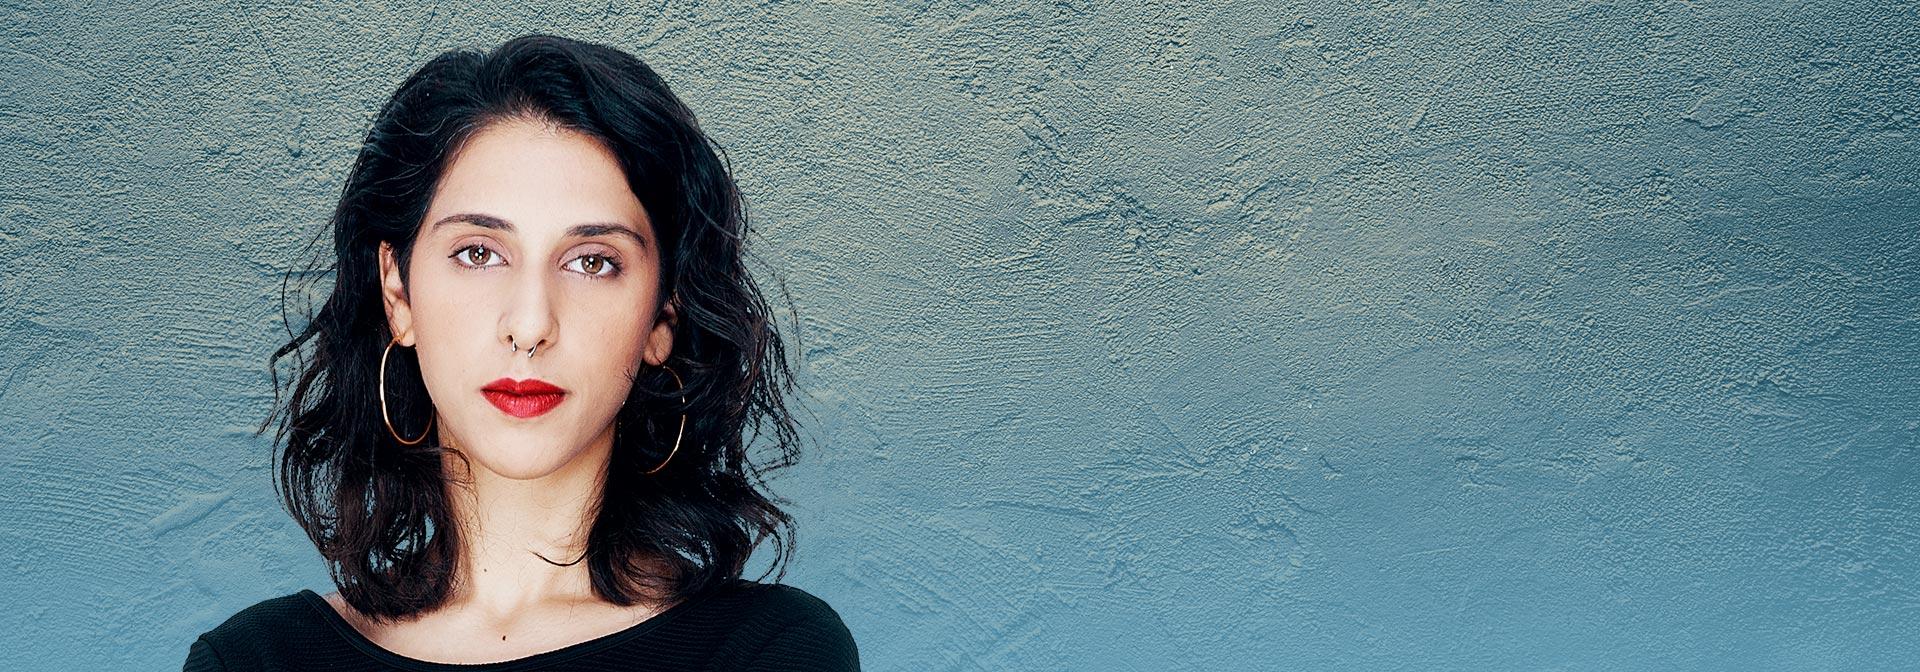 ליידי גלובס מציג: 20 האקטיביסטיות המשפיעות בישראל 2018 - ענבל אגוז / צילום: ענבל מרמרי